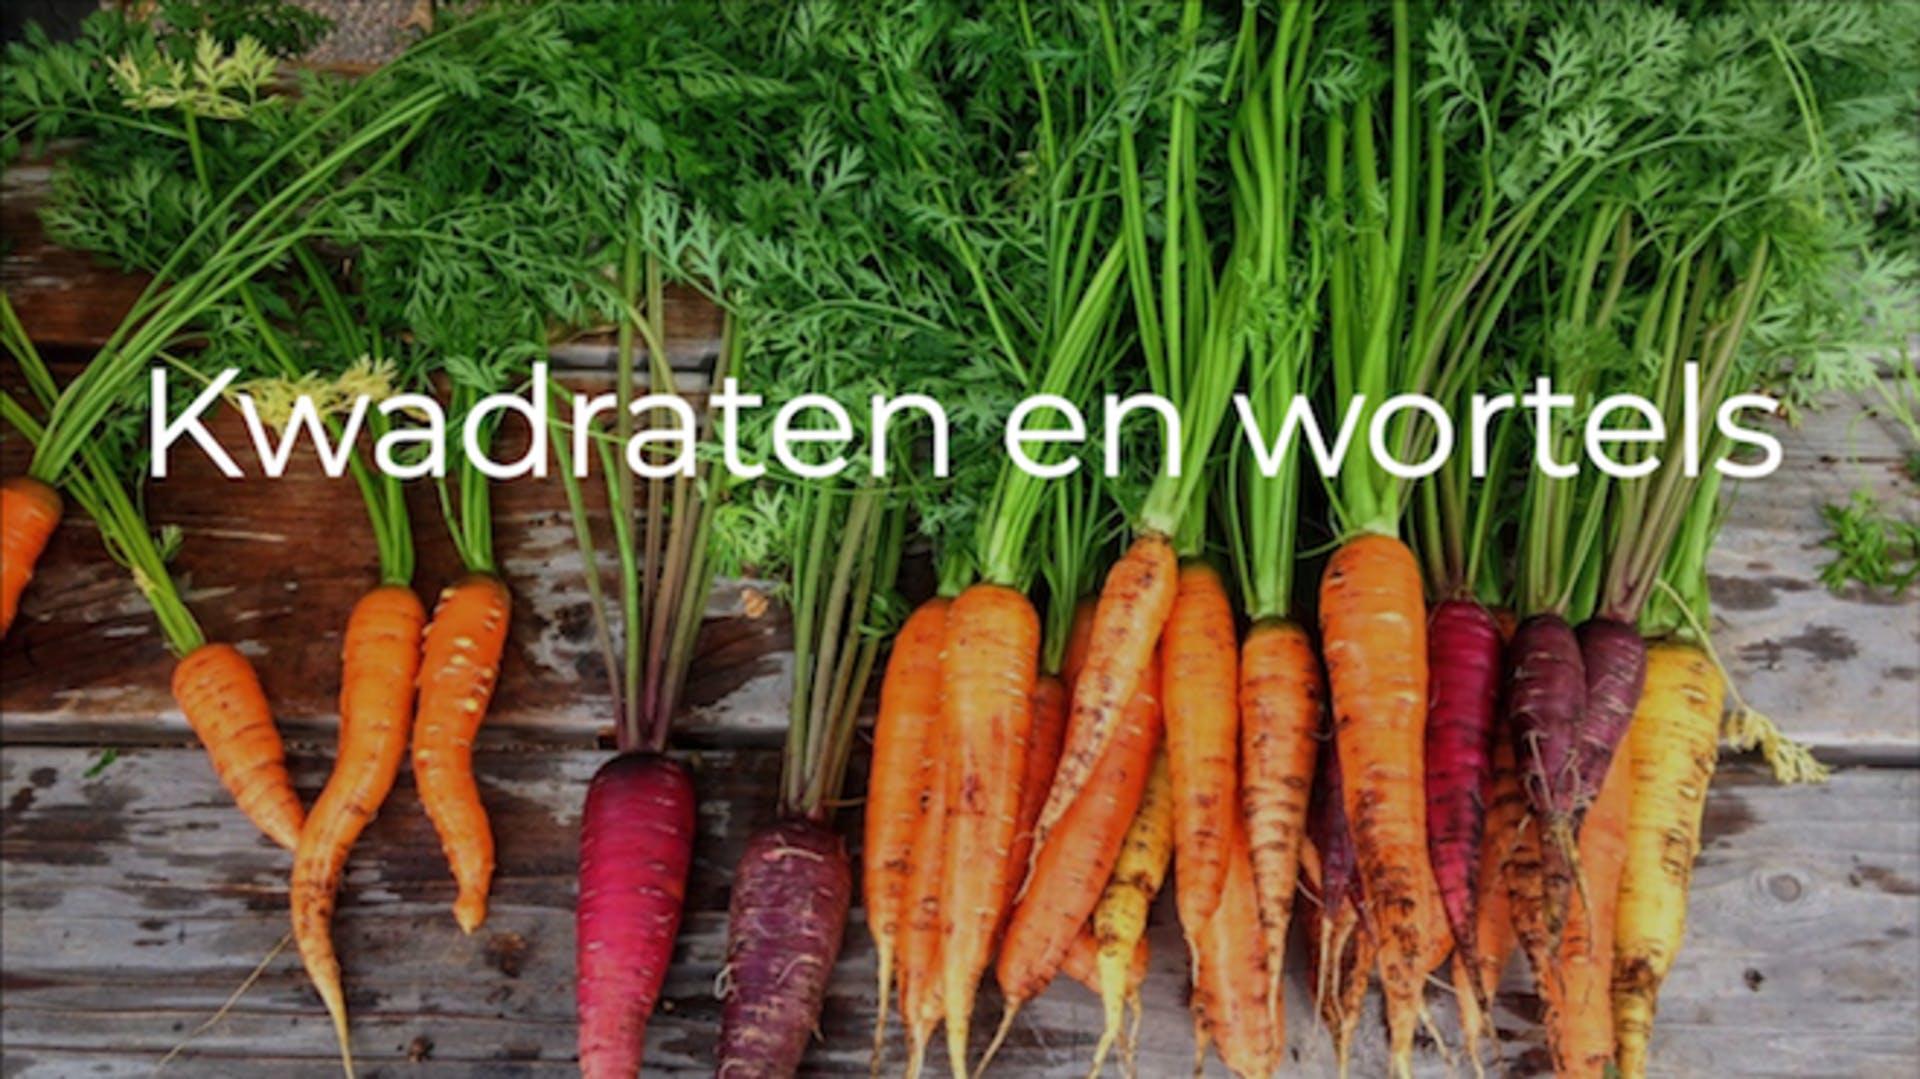 Les kwadraten en wortels